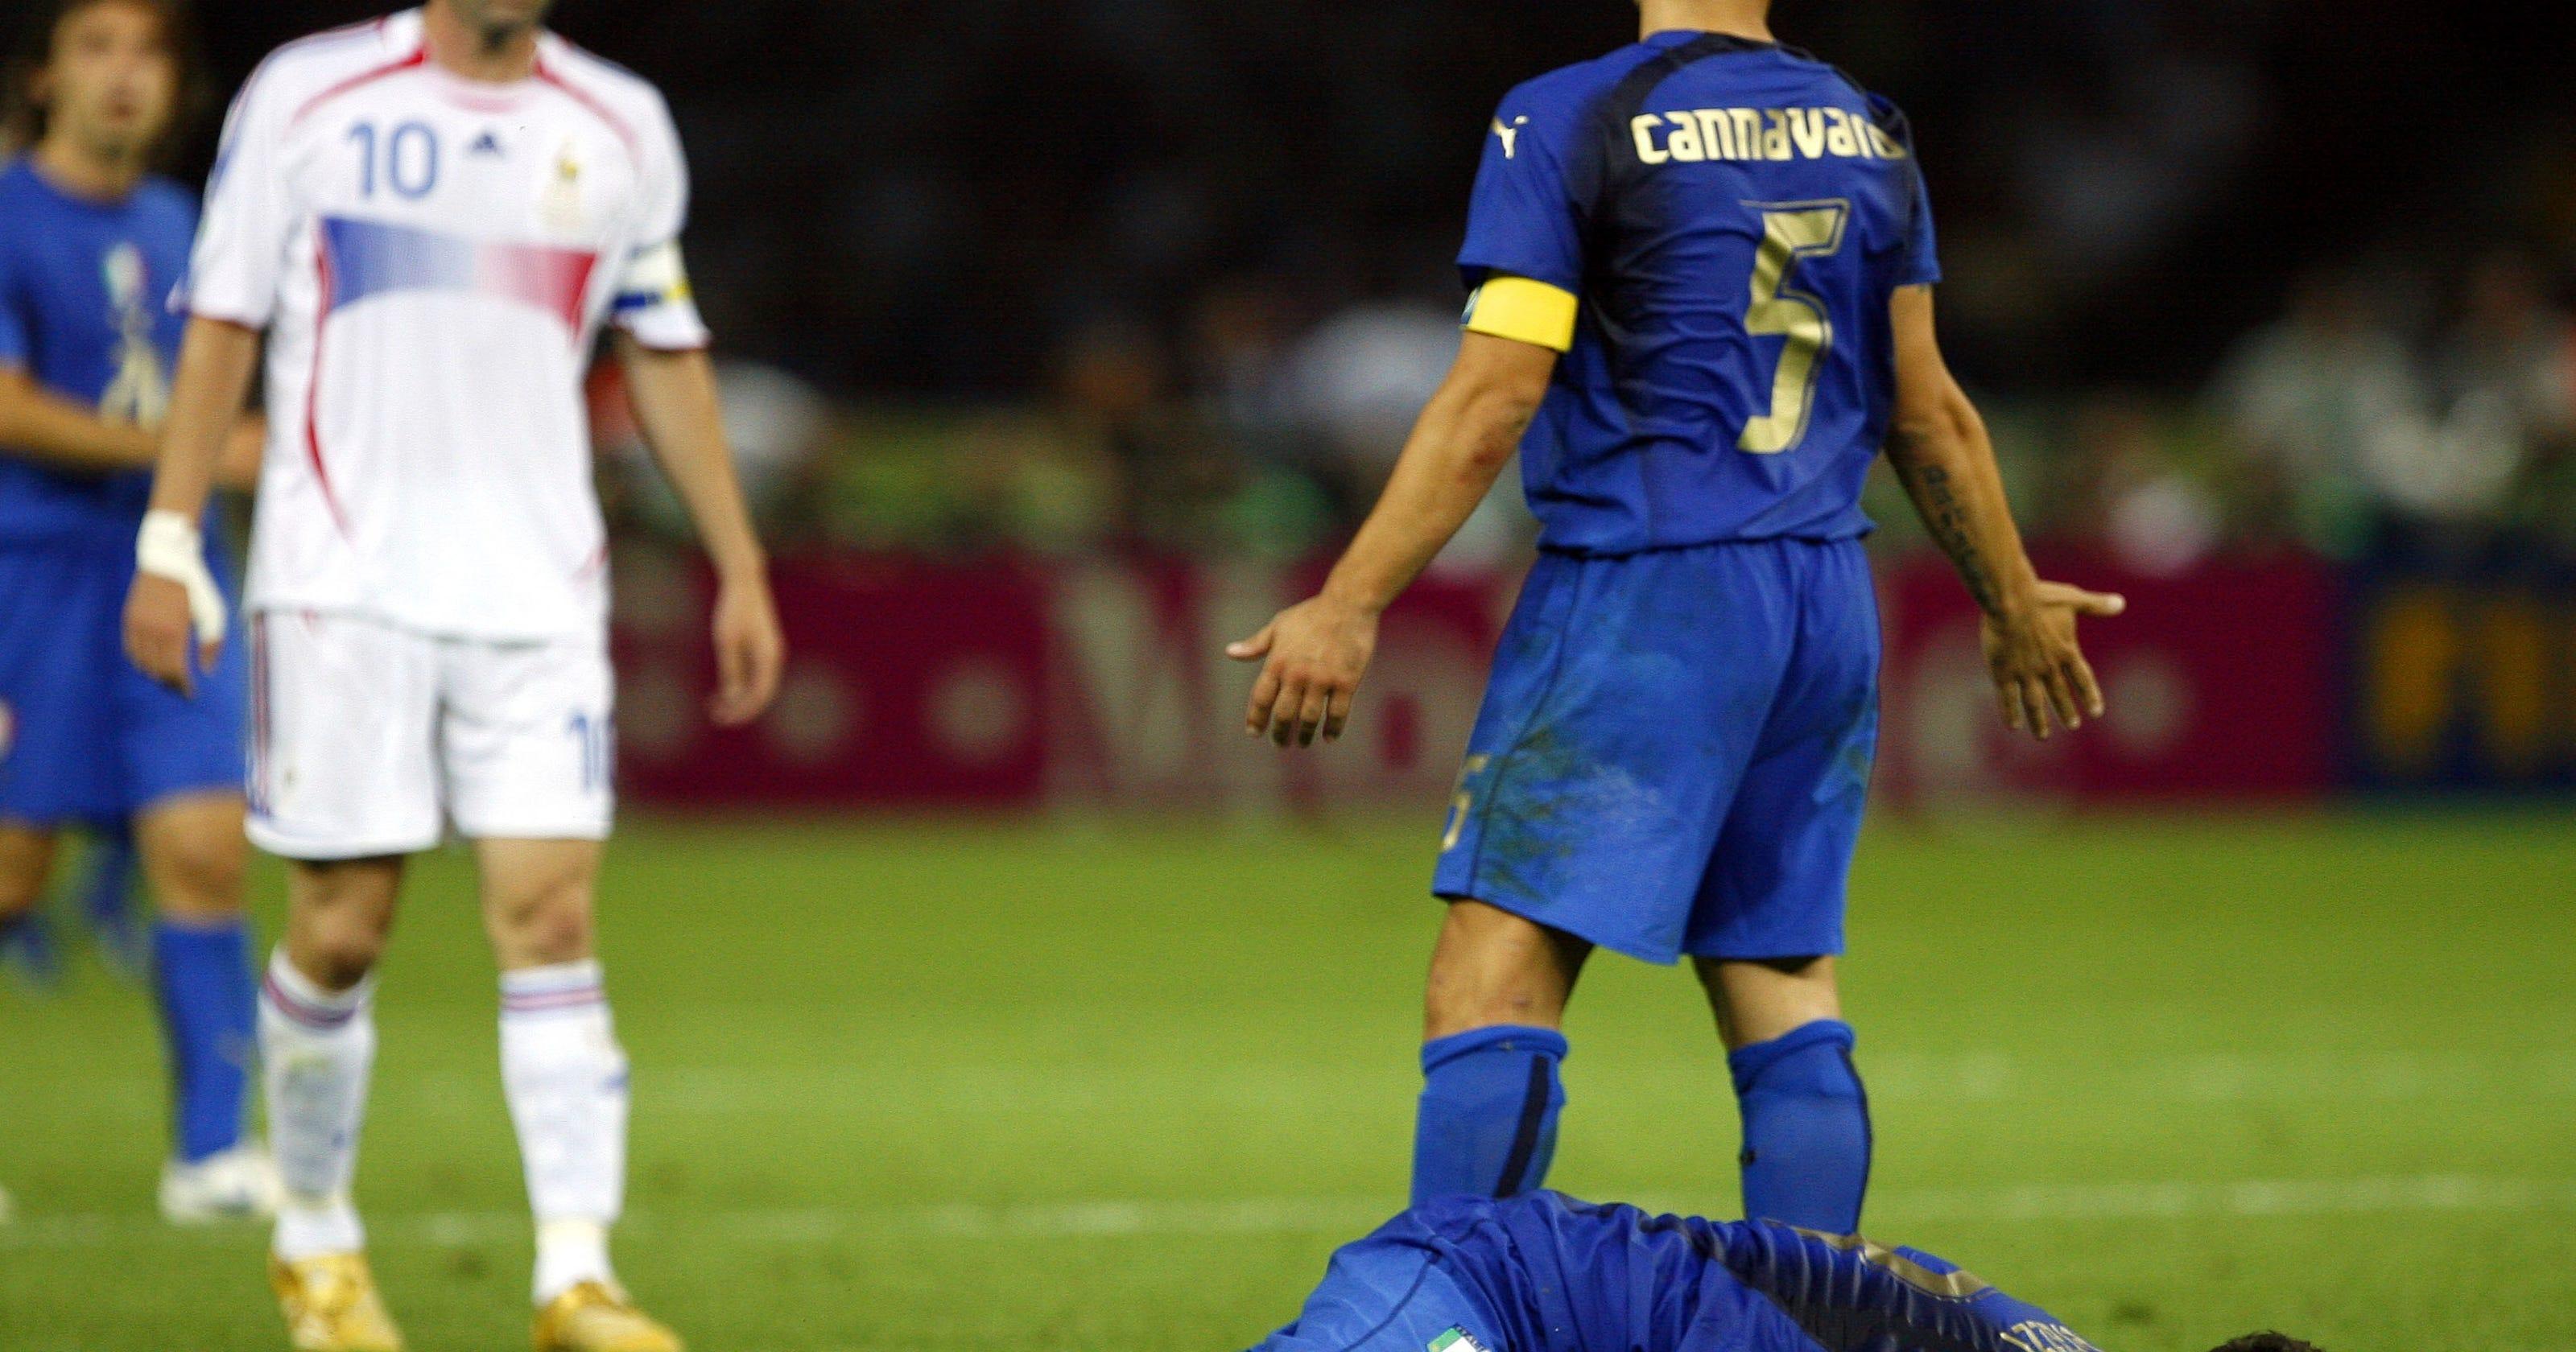 WORLD CUP  Zinedine Zidane ends his career with a headbutt d2e949ec6